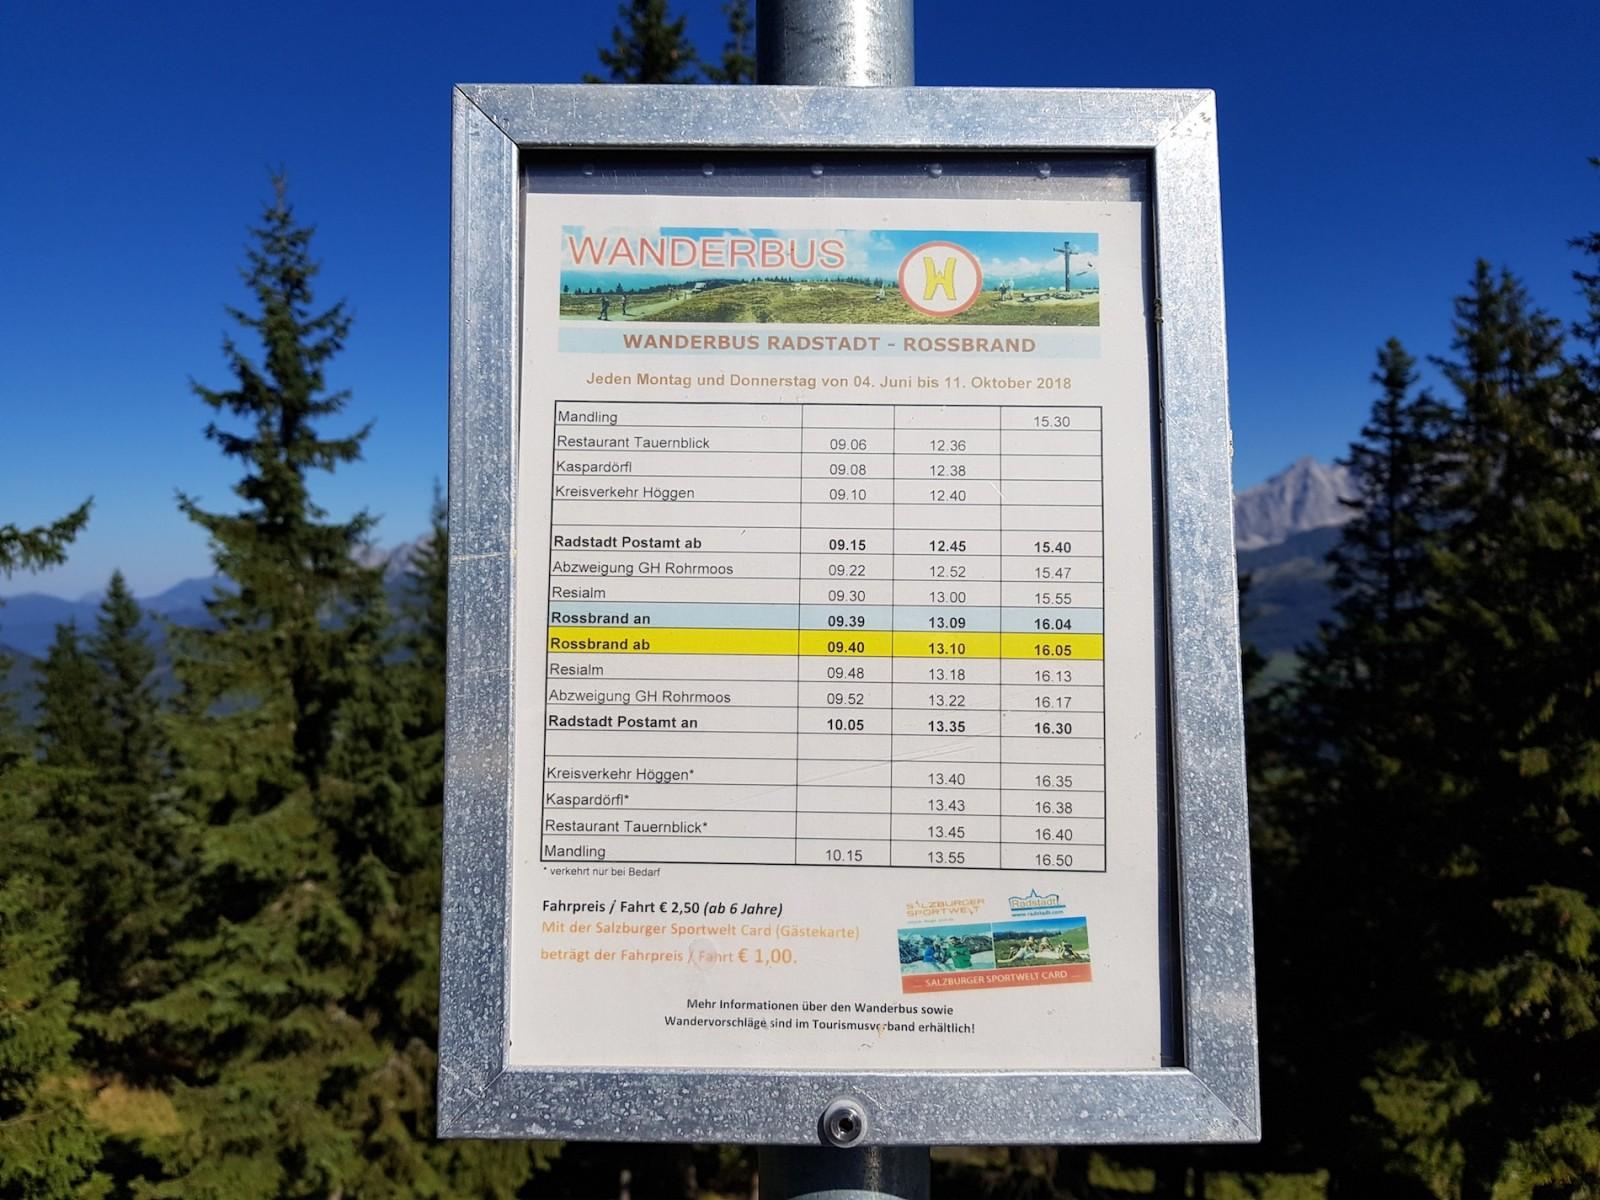 Von Juni bis Oktober fährt auch der Wanderbus hinauf.